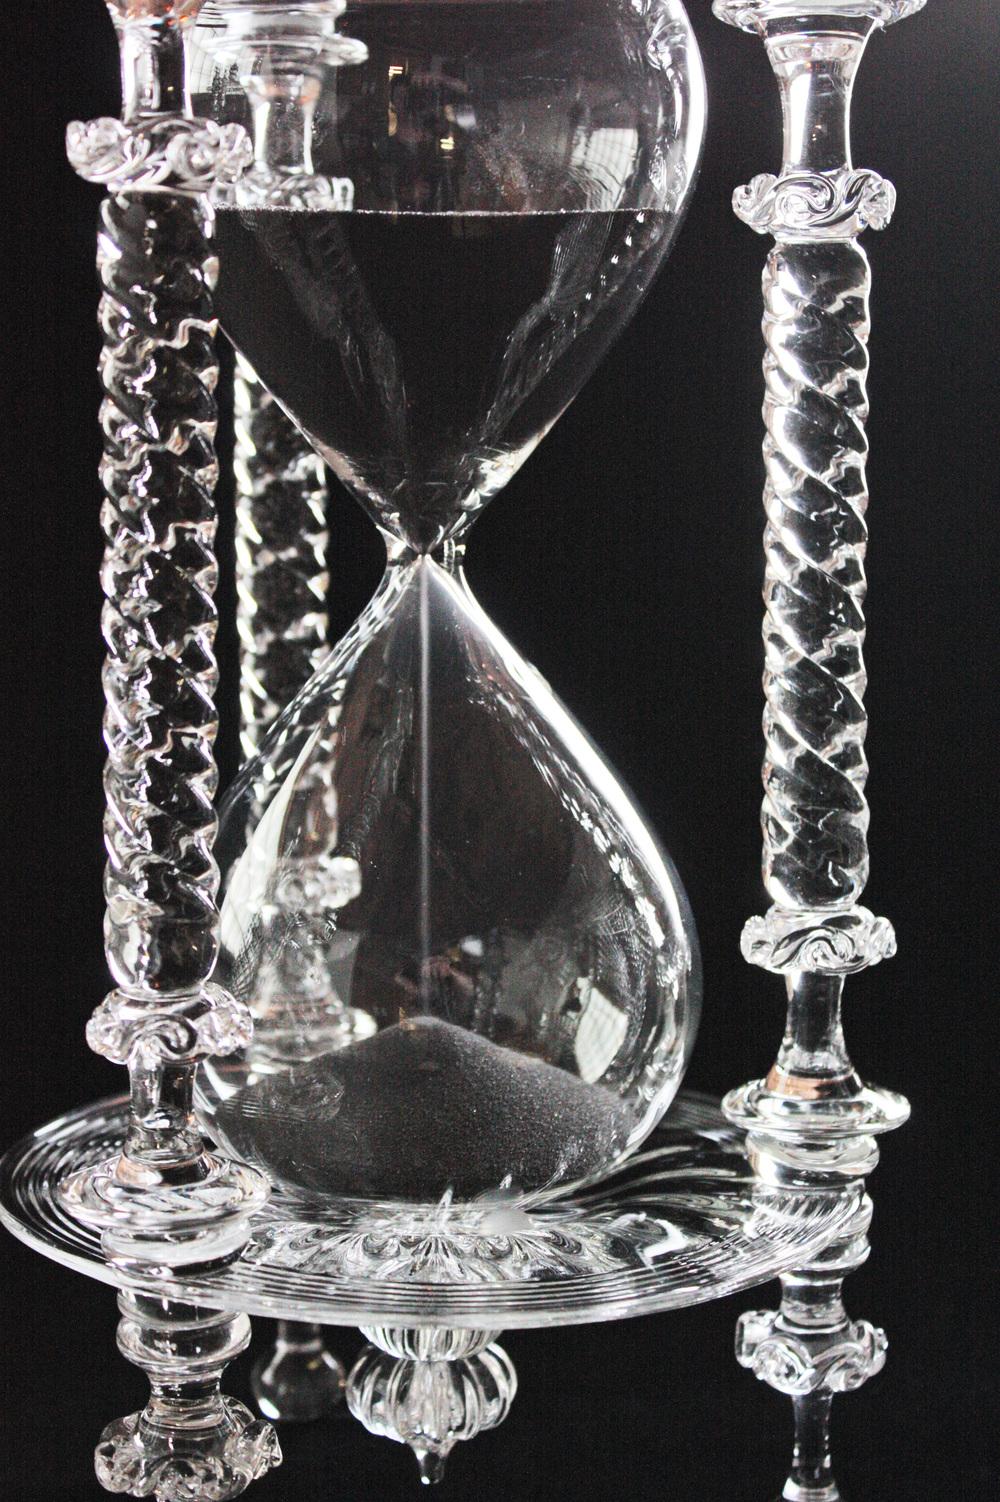 hourglassdetail.jpg